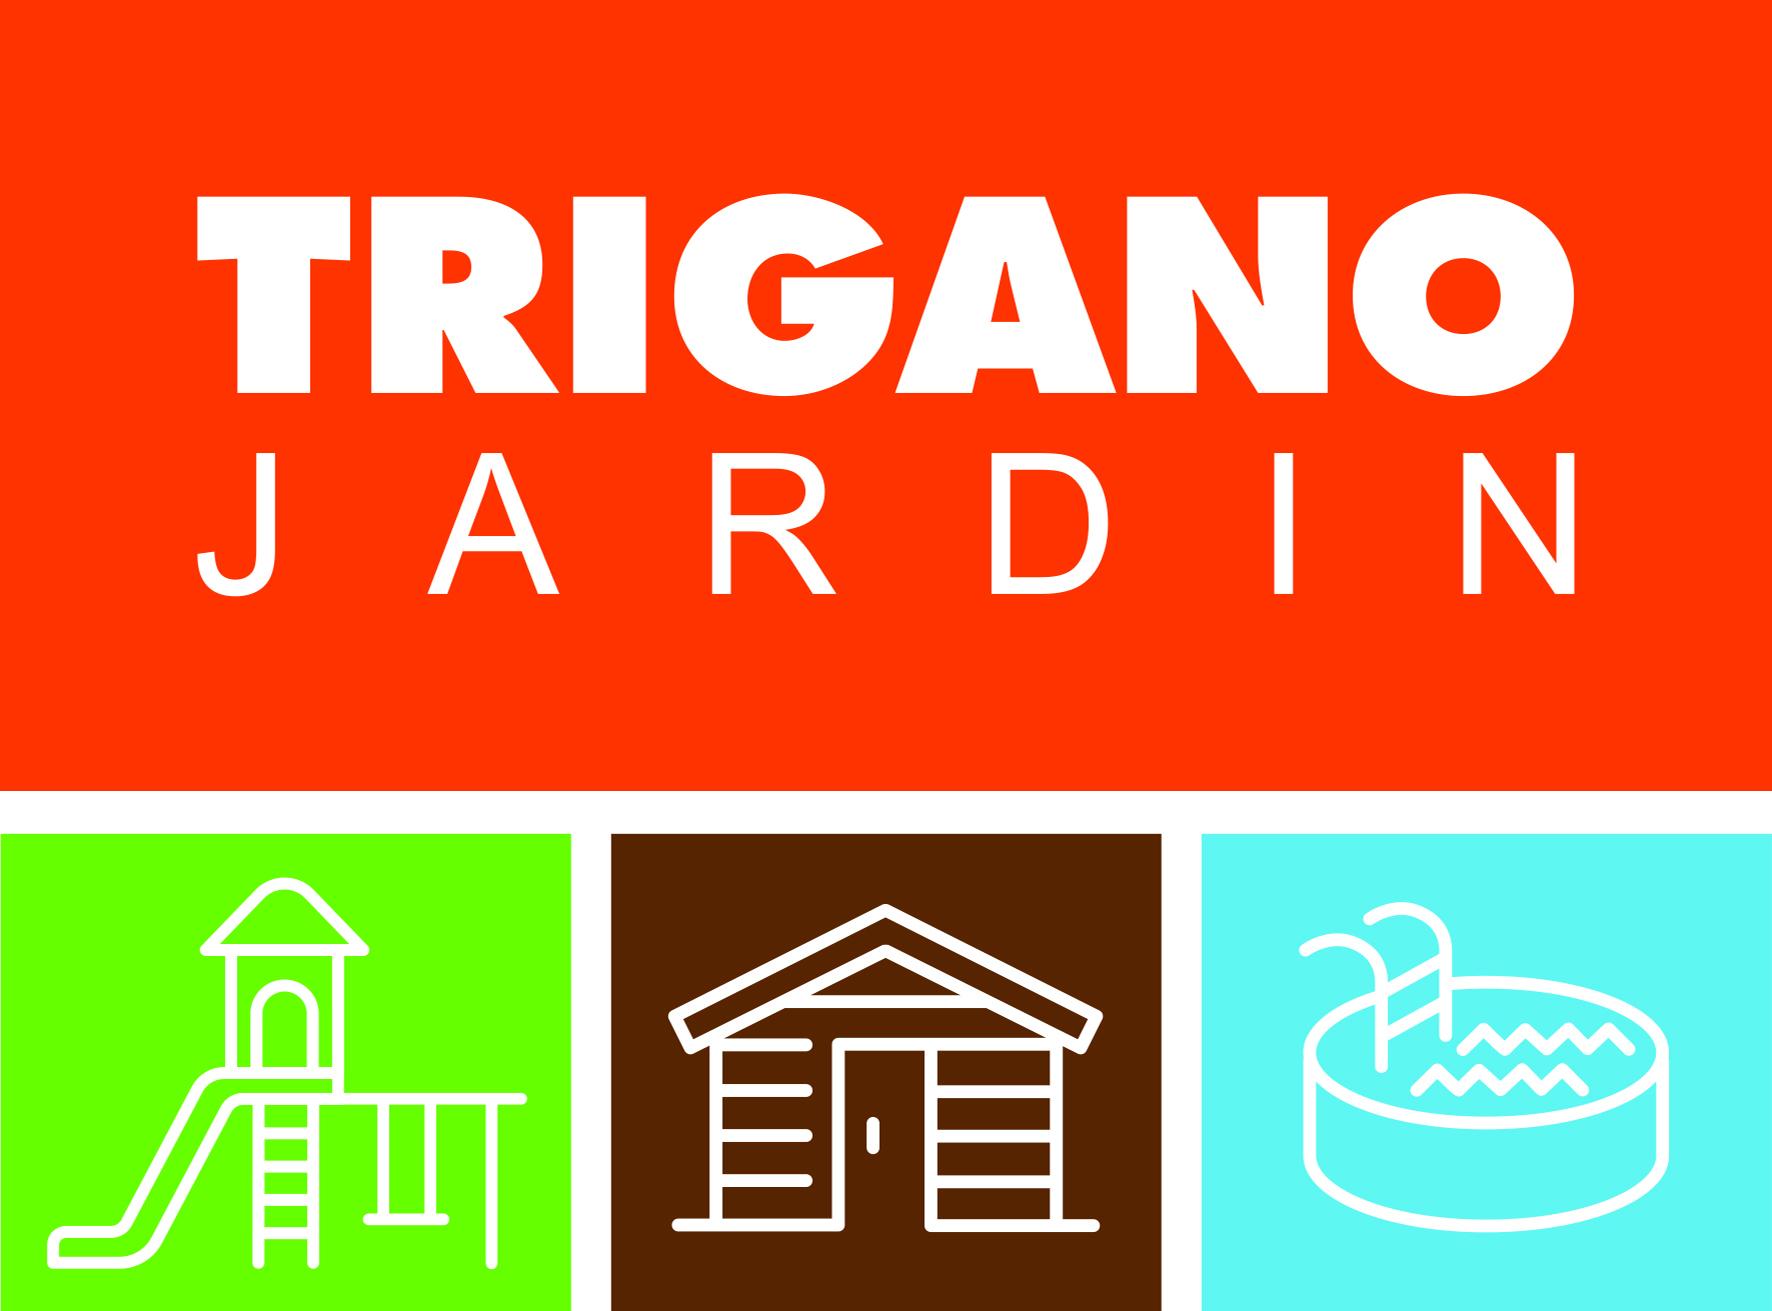 TRIGANO GARDEN